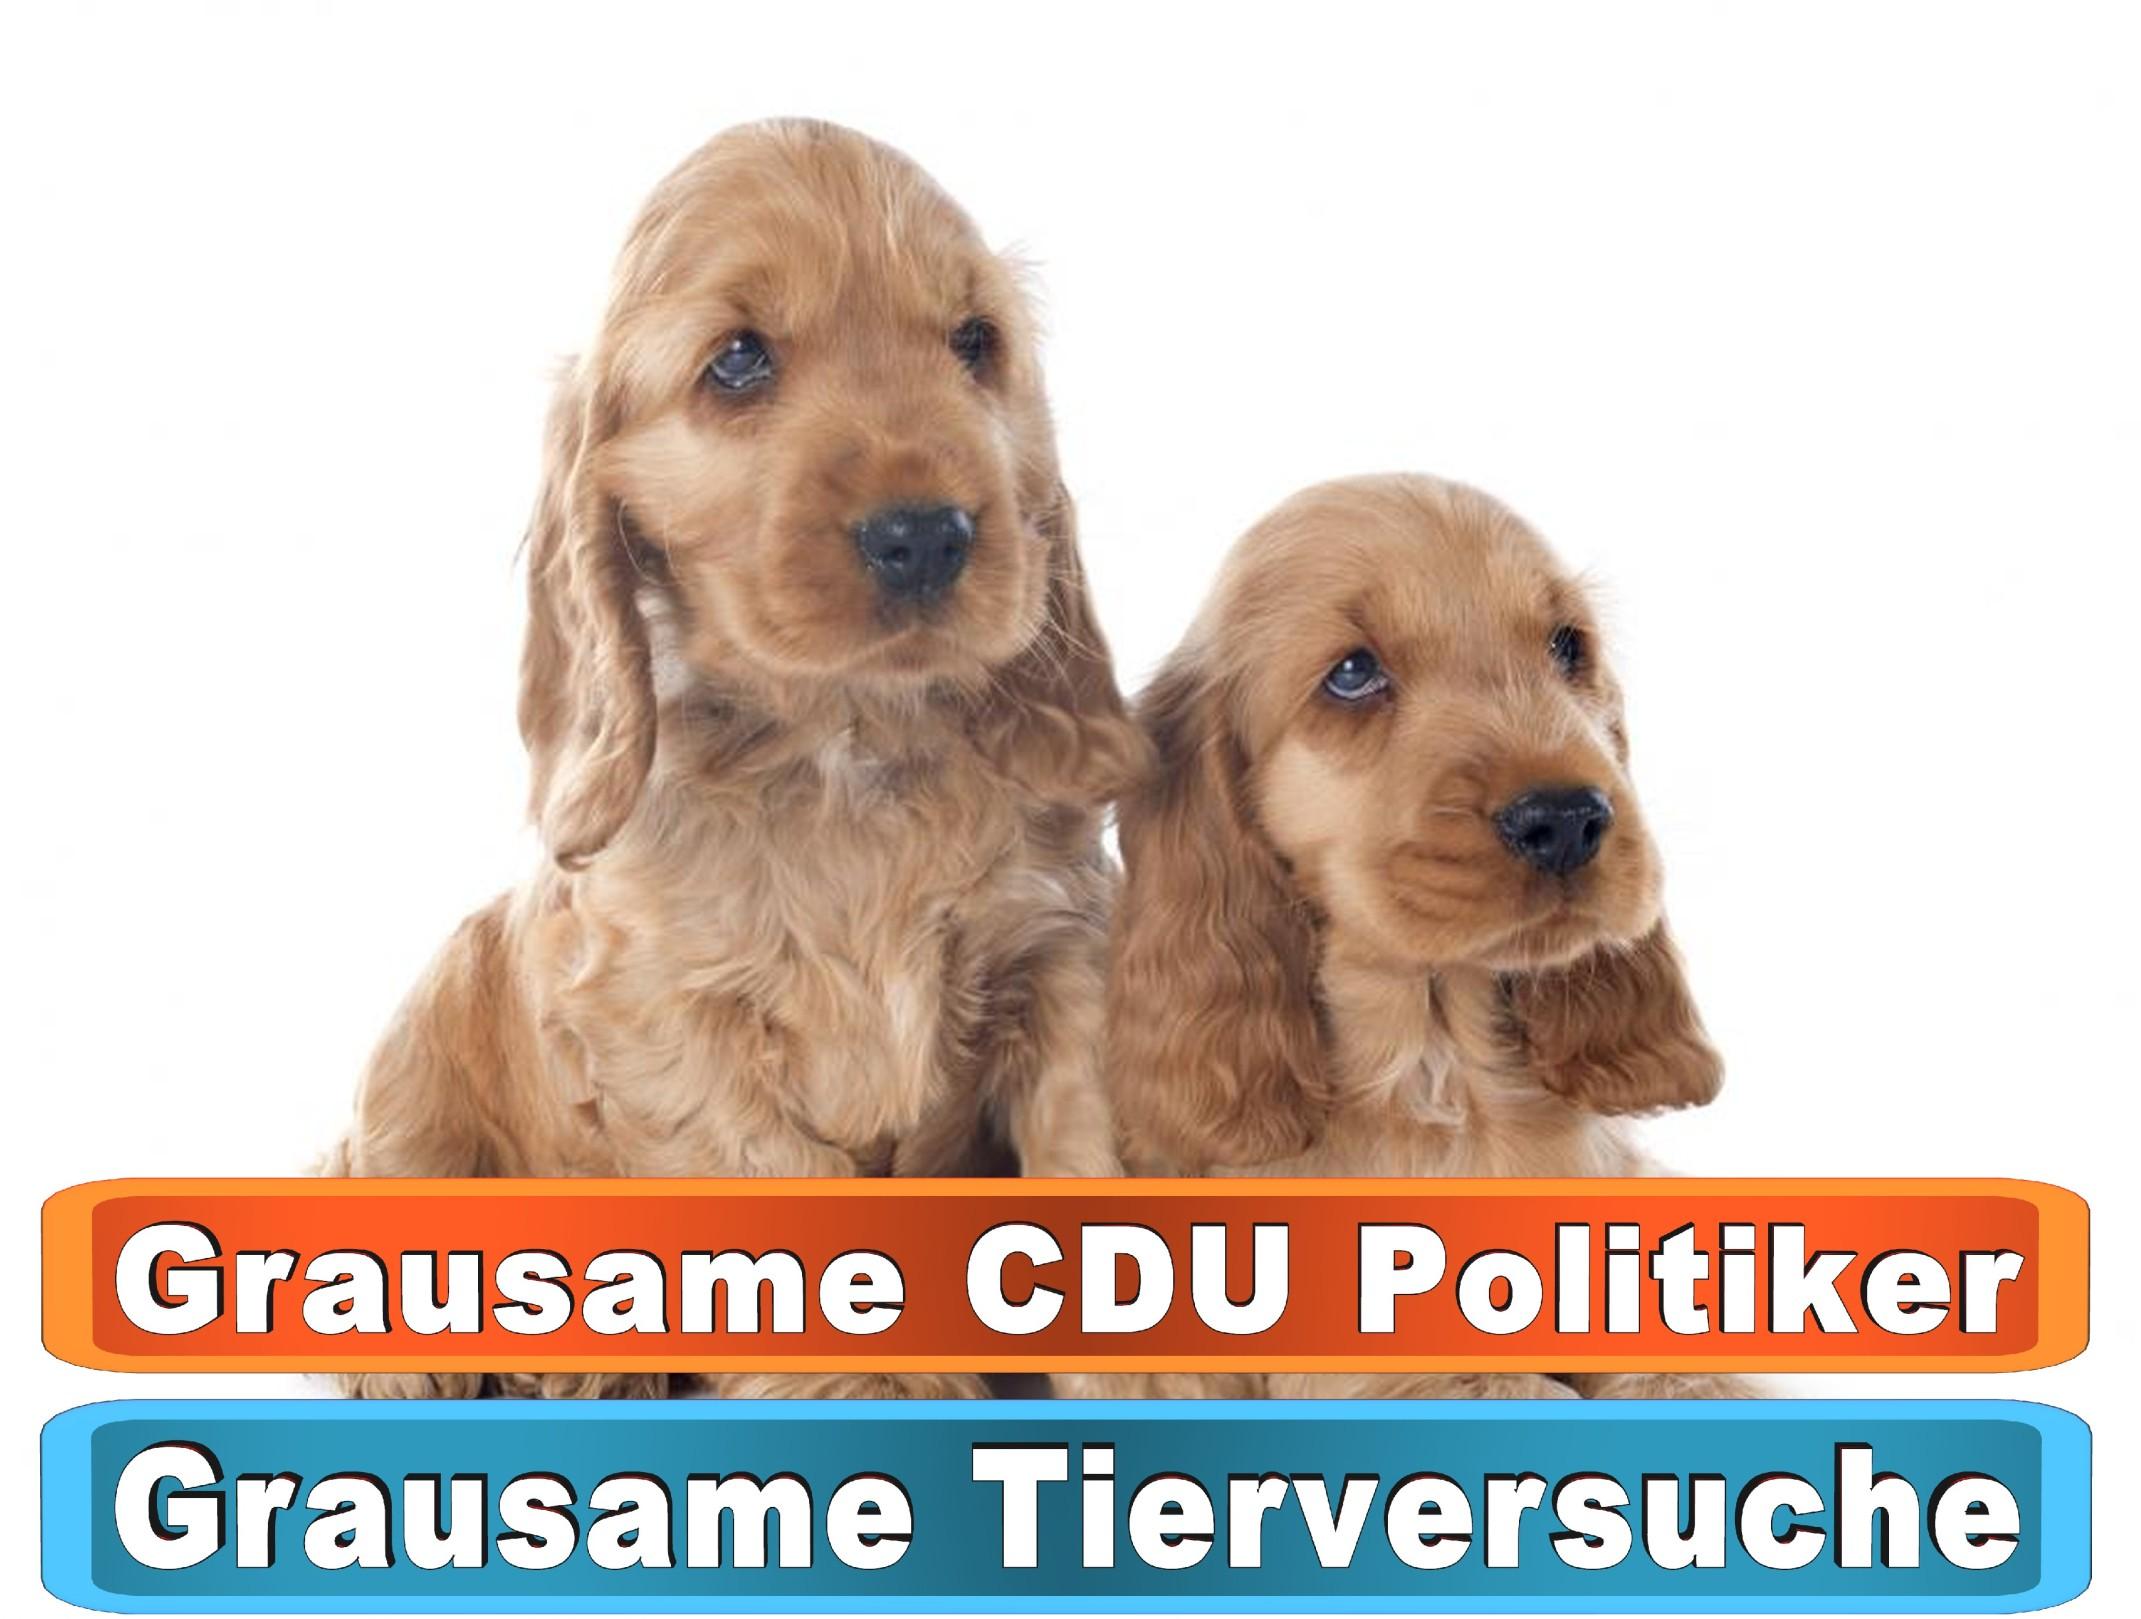 Hunde Kaufen Dortmund Bing